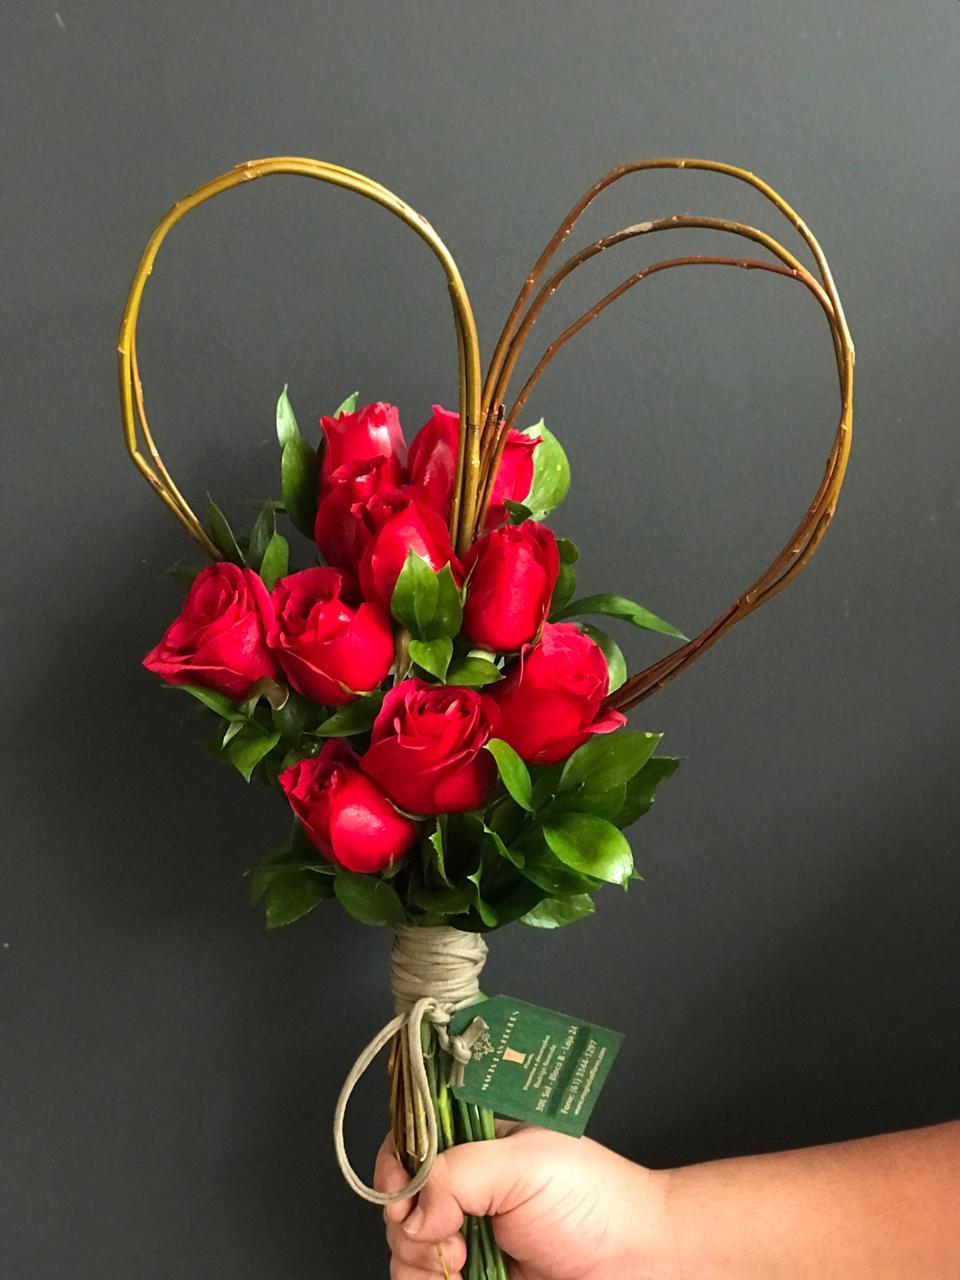 Especial dia dos namorados - Bouquet Coração